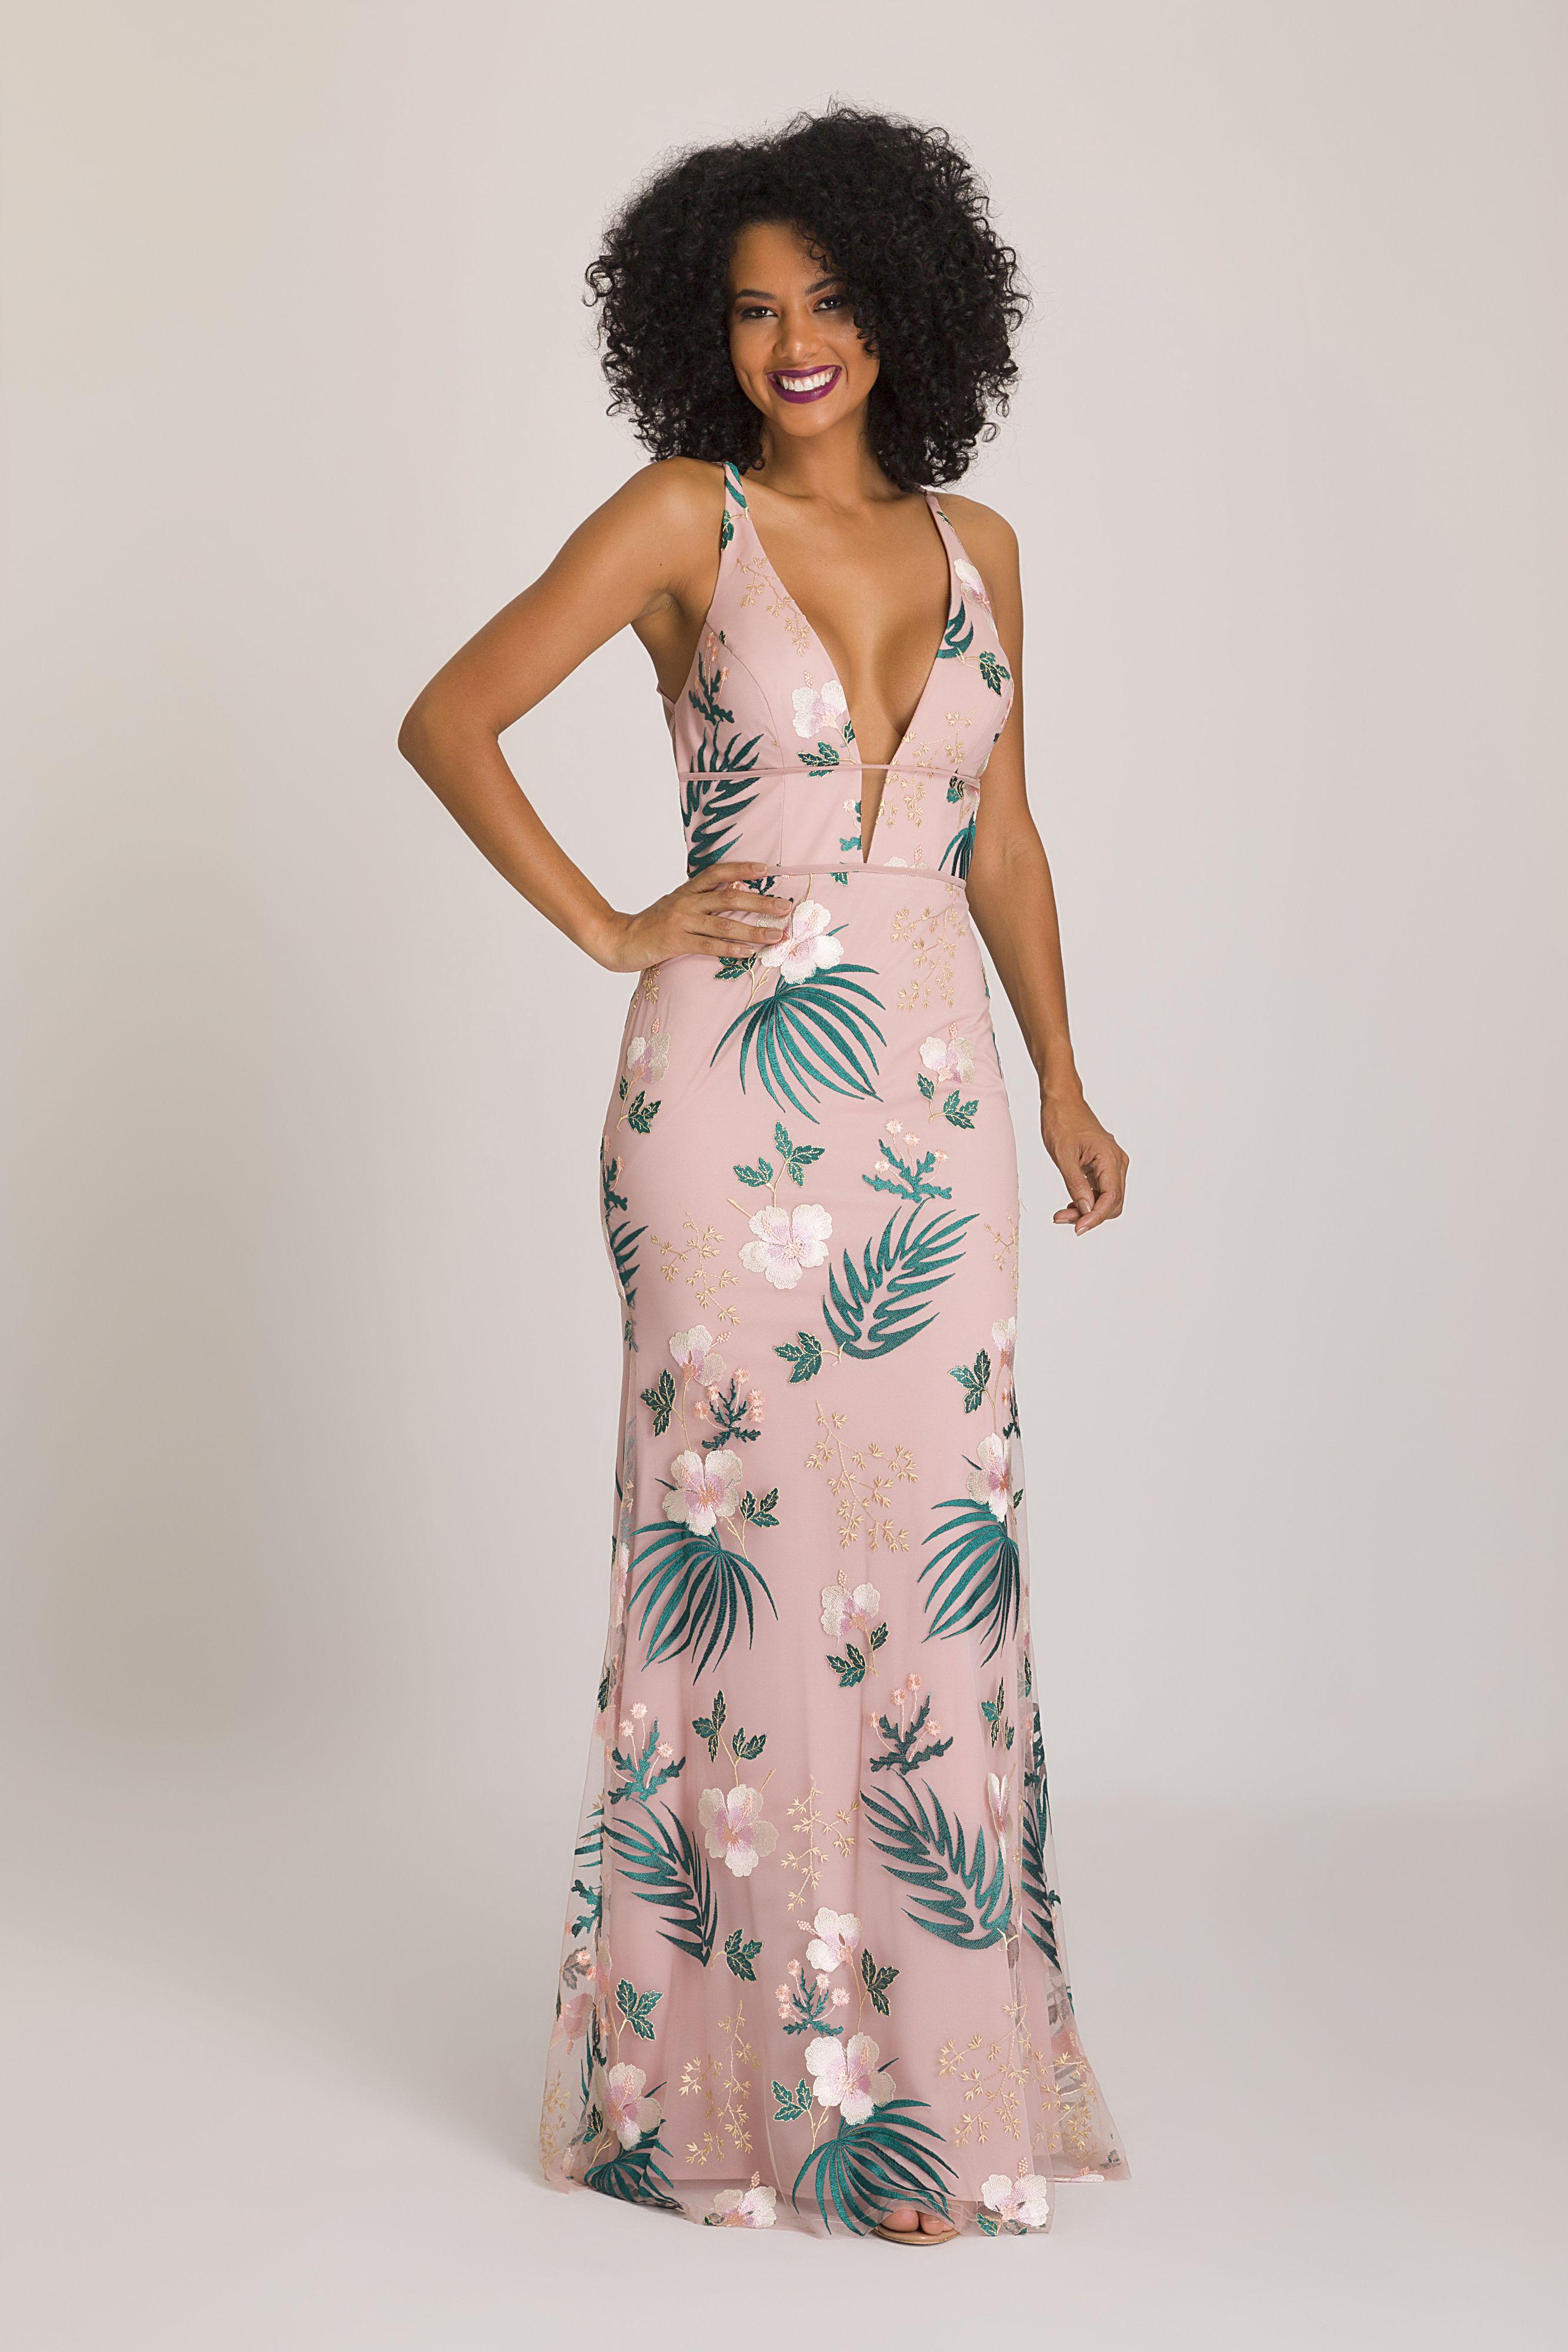 d714a0ce5 Vestido Floral Hib: Vestido longo em tule bordado multicolorido, com  motivos florais, busto com decote em V, trabalho transpassado de tiras nas  costas ...